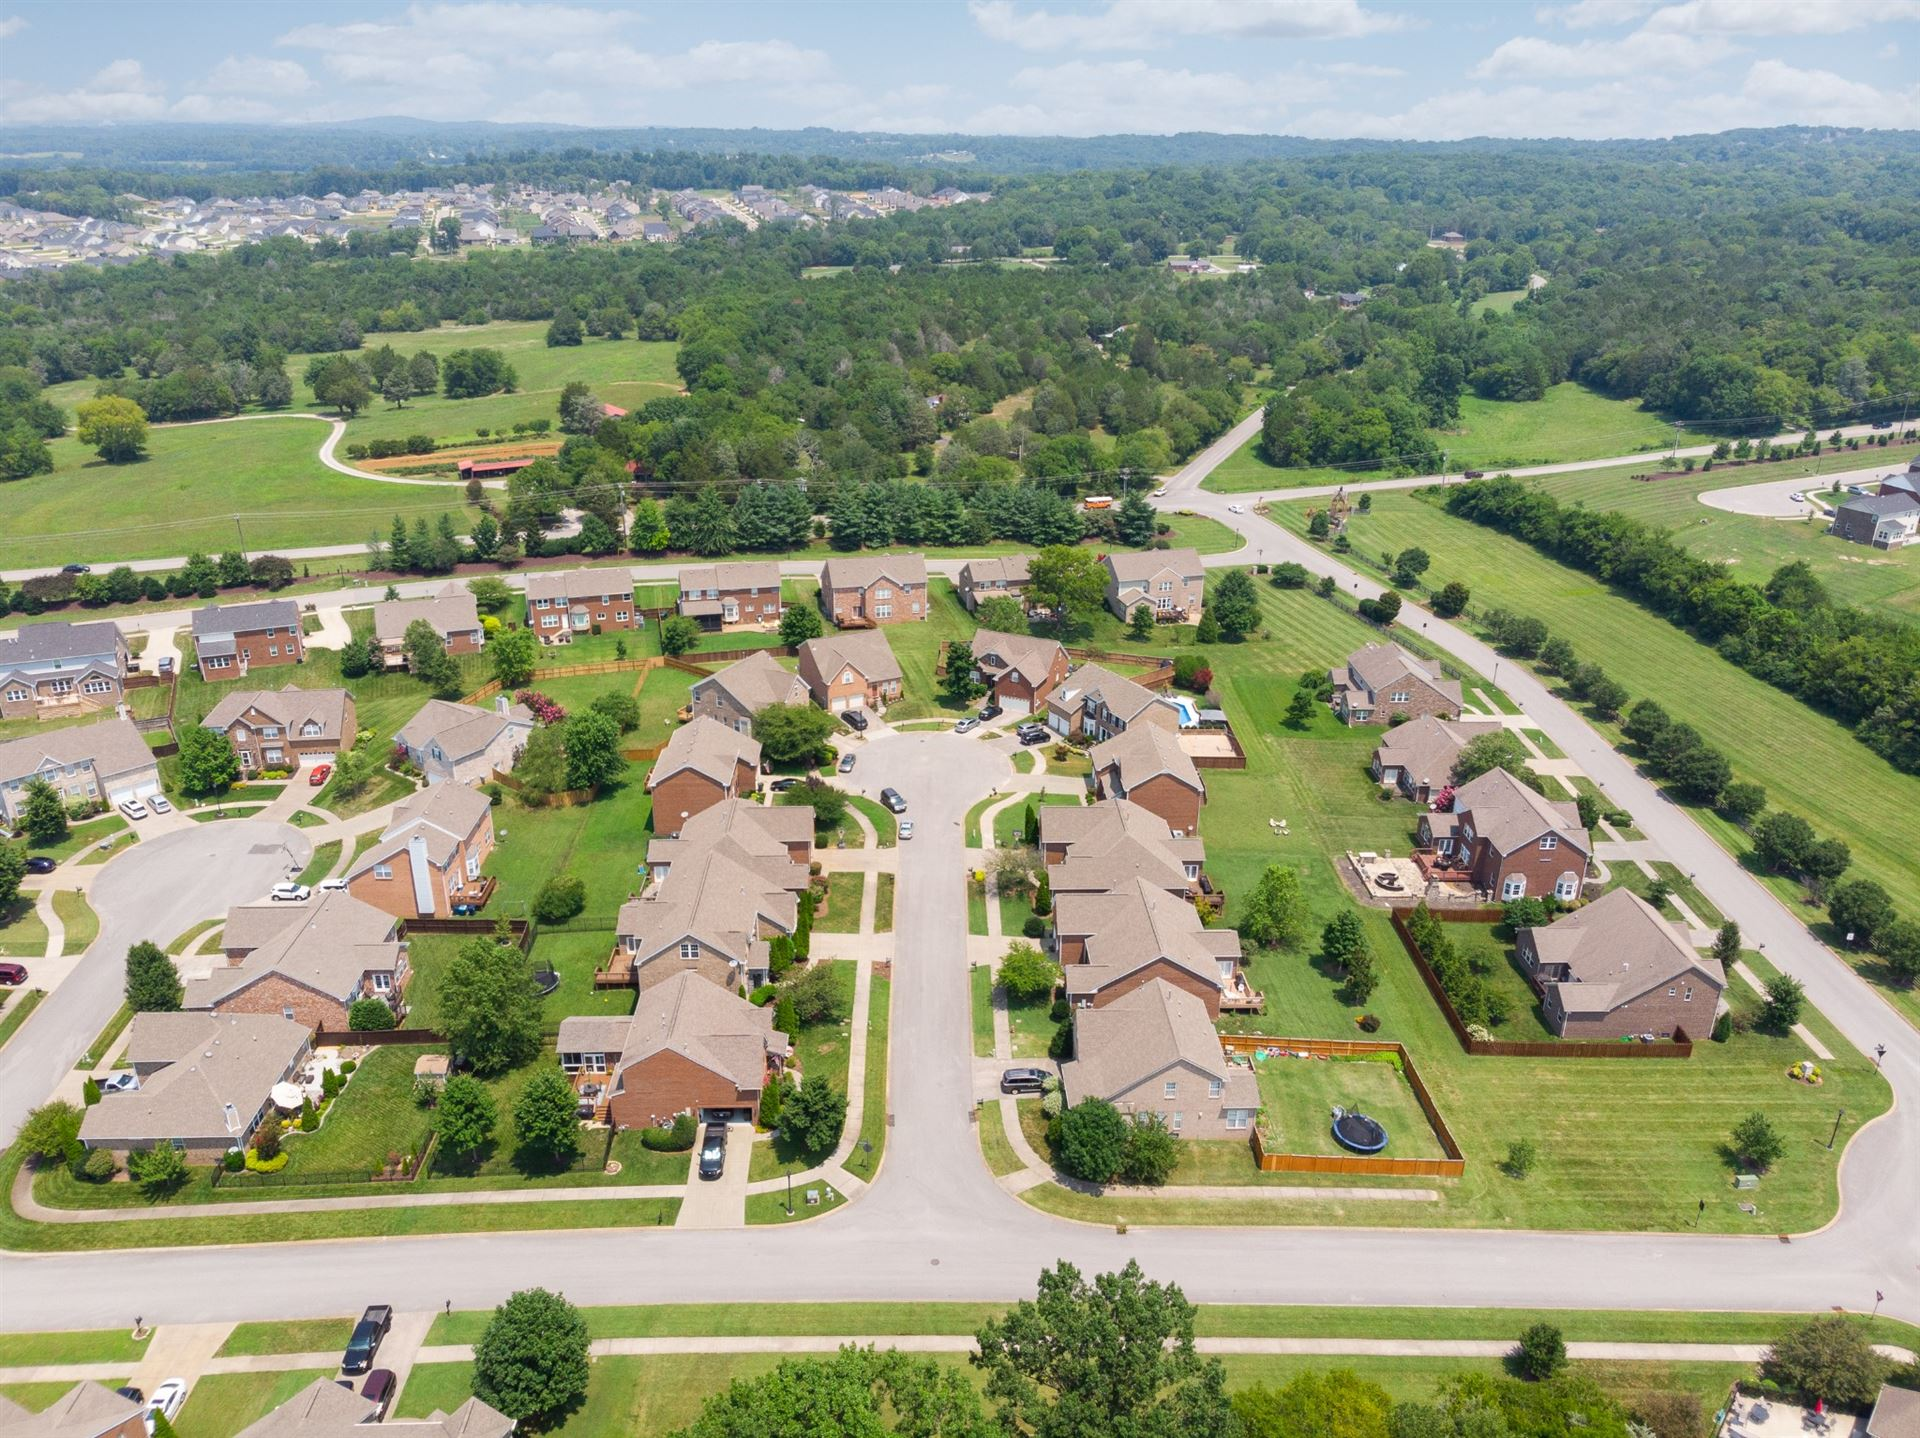 Photo of 2512 Hester Ct, Nolensville, TN 37135 (MLS # 2275926)